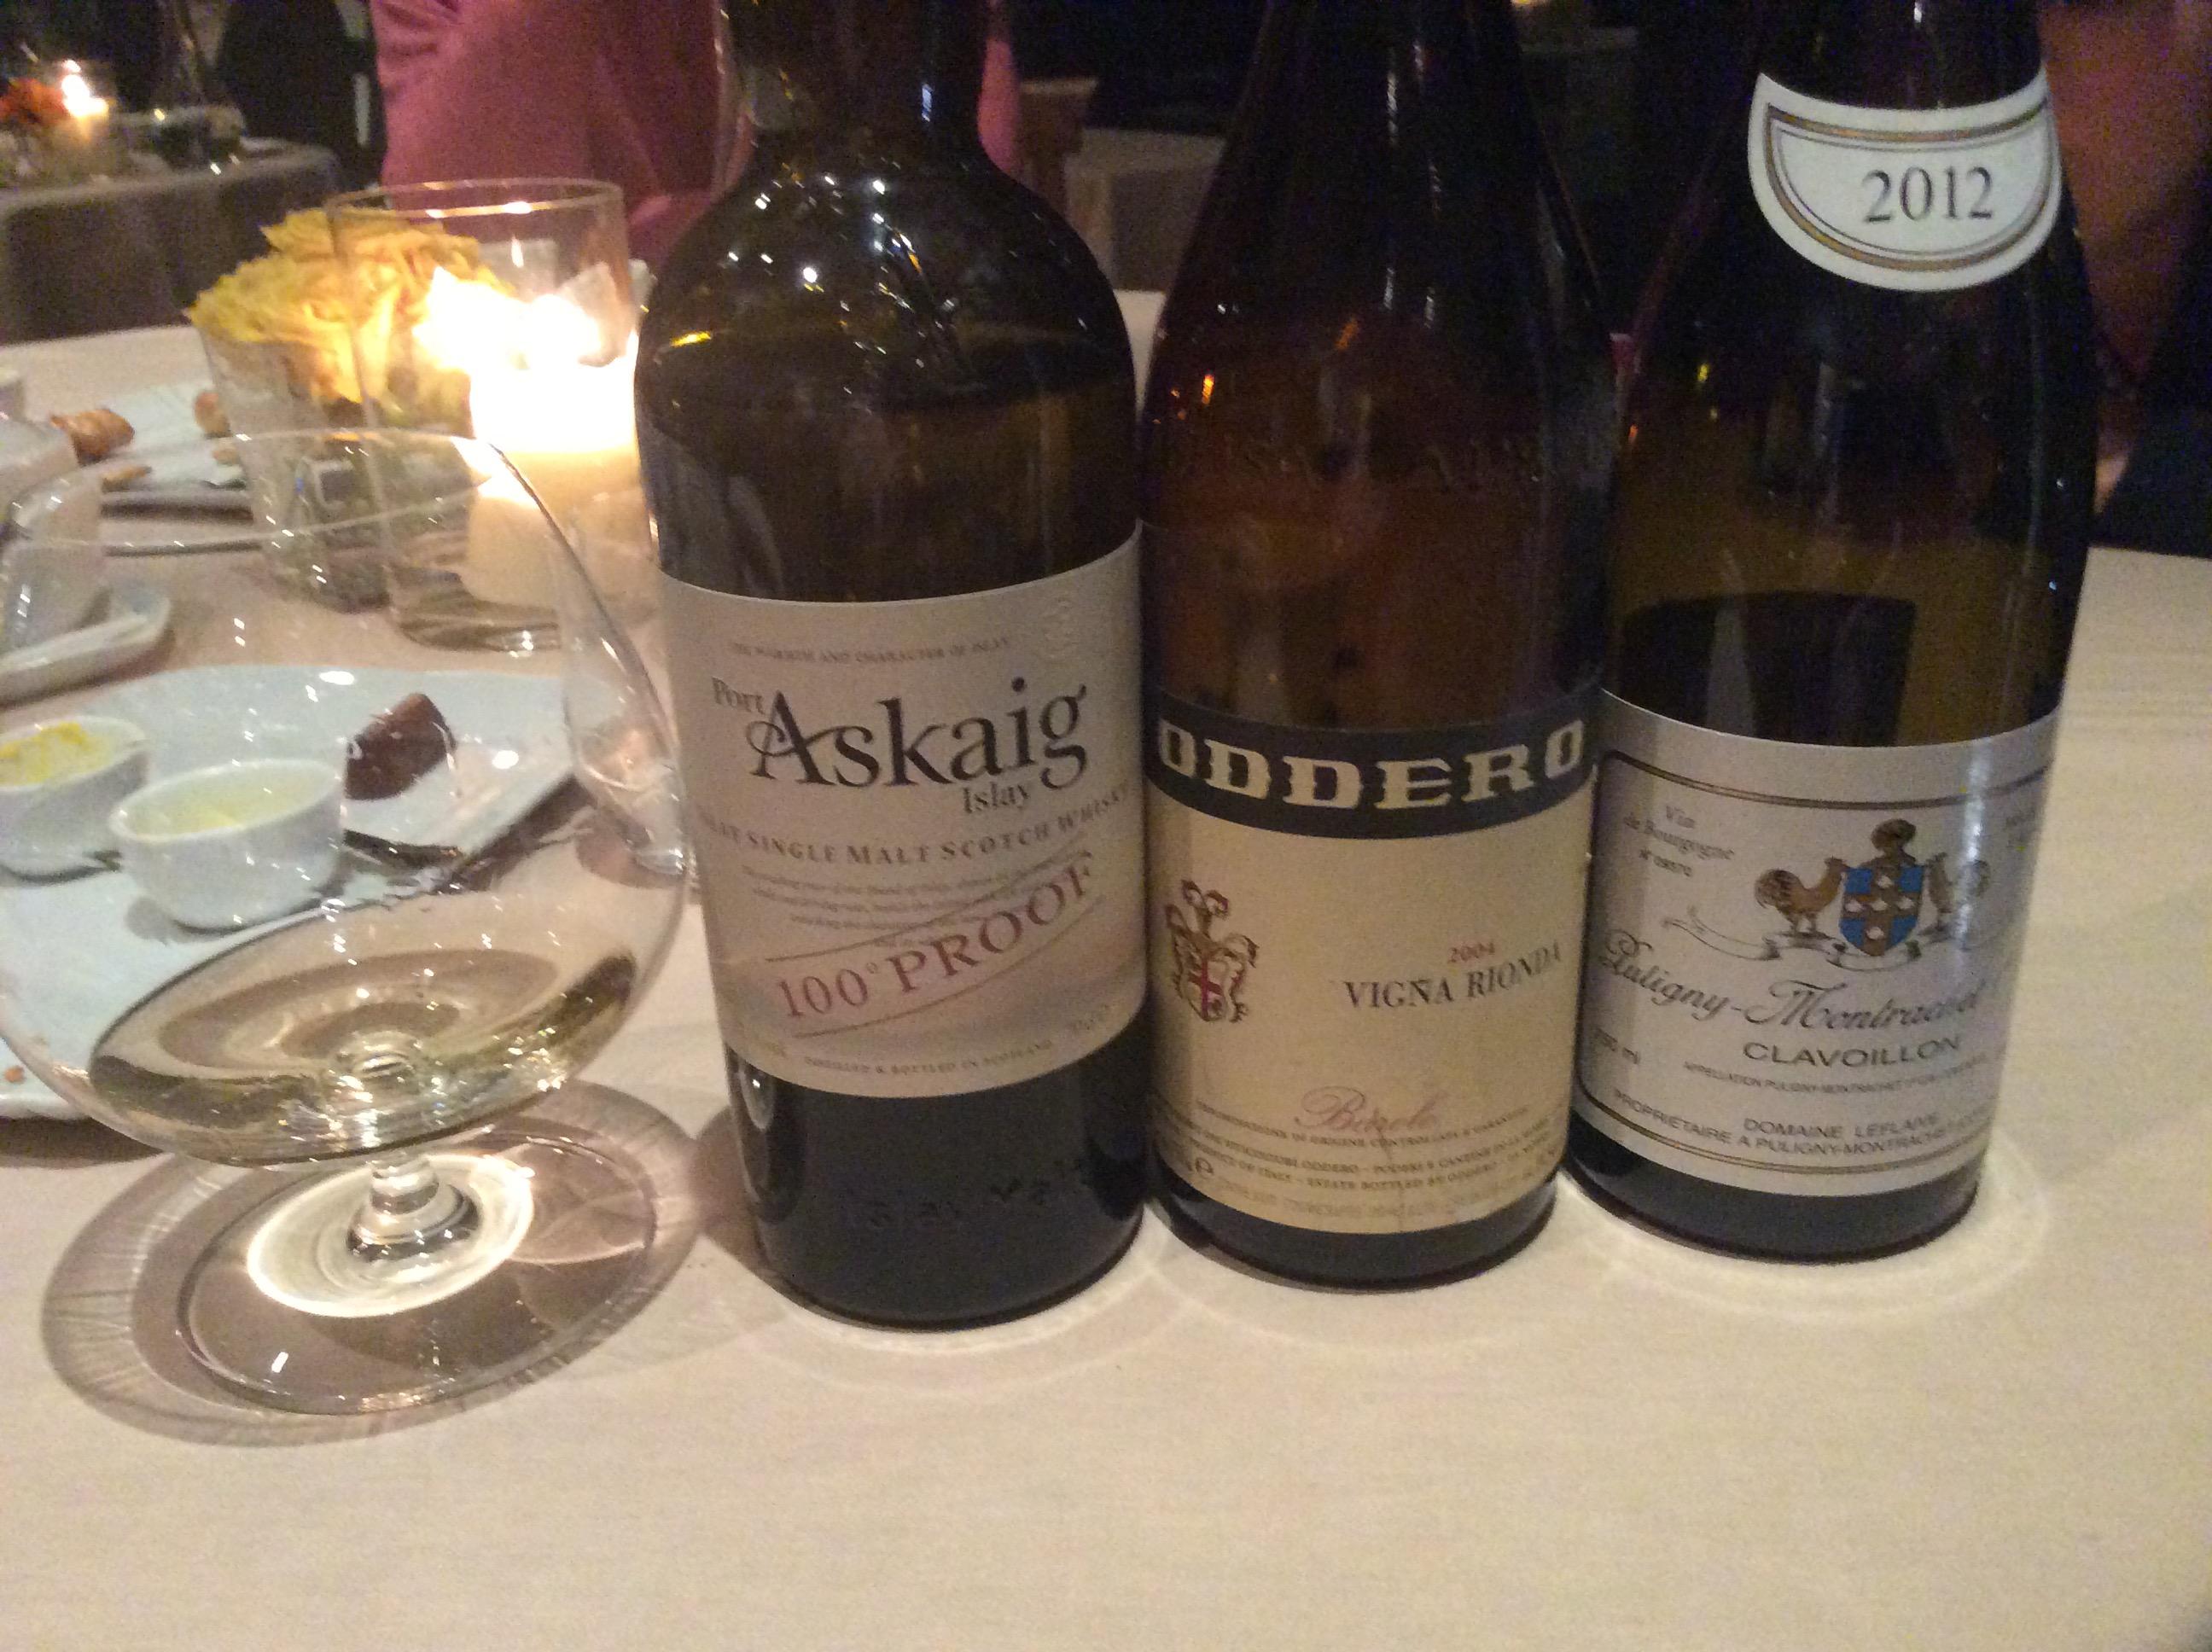 http://gourmet-italian.com/394.JPG